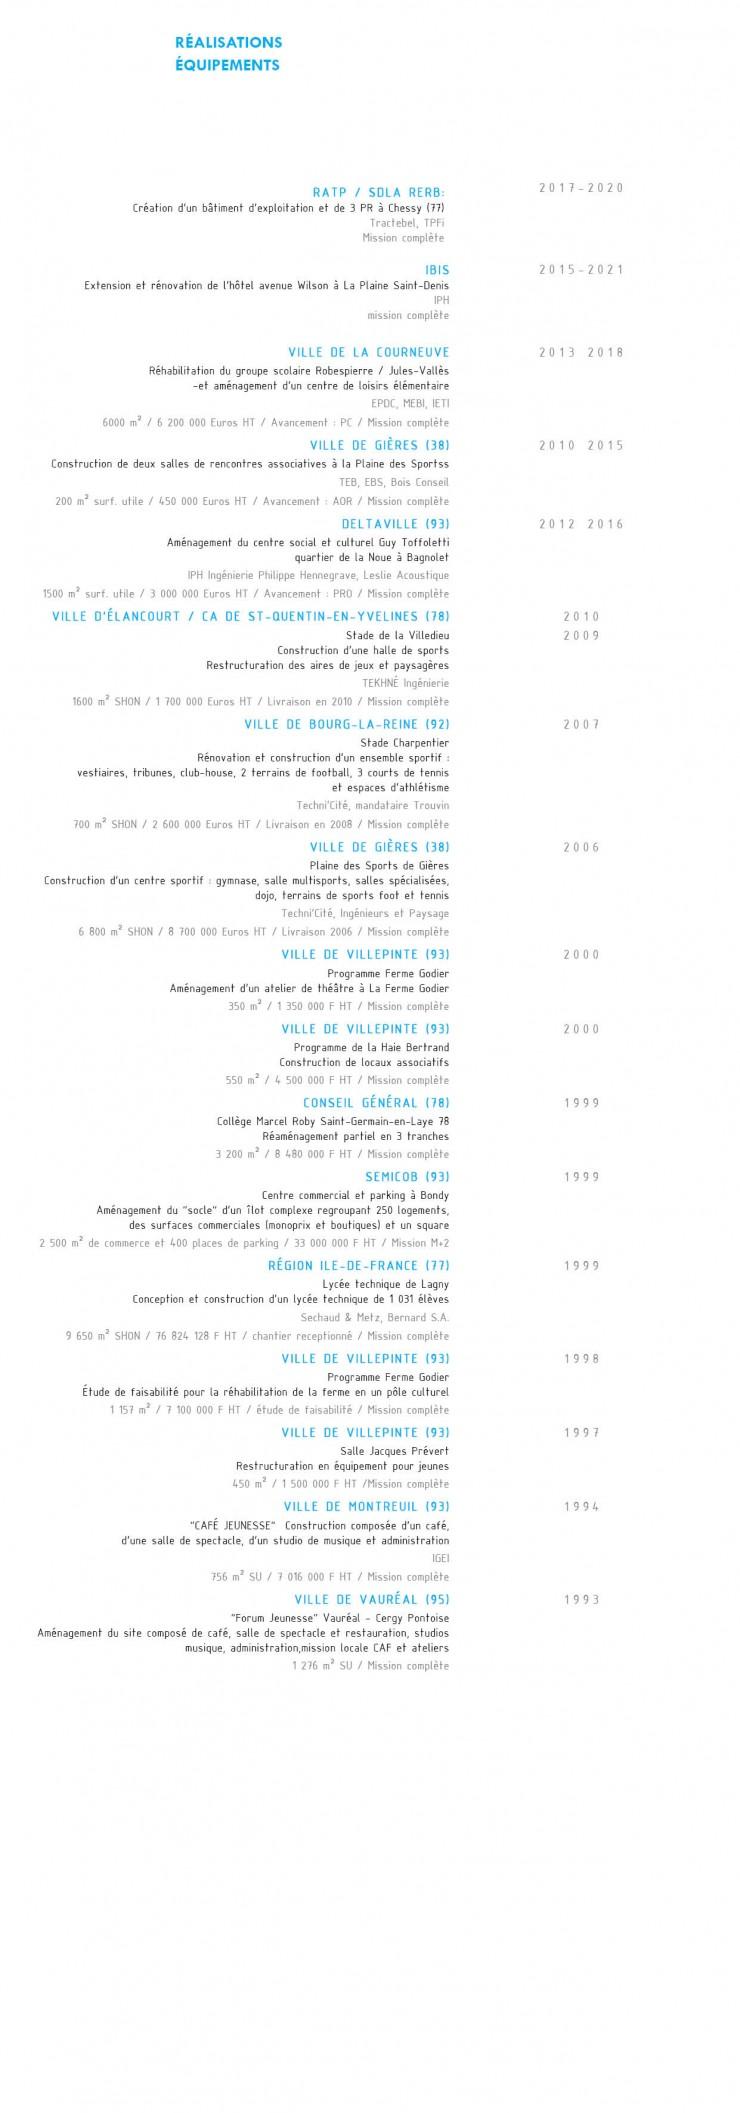 03-A00-liste archi-eqpt